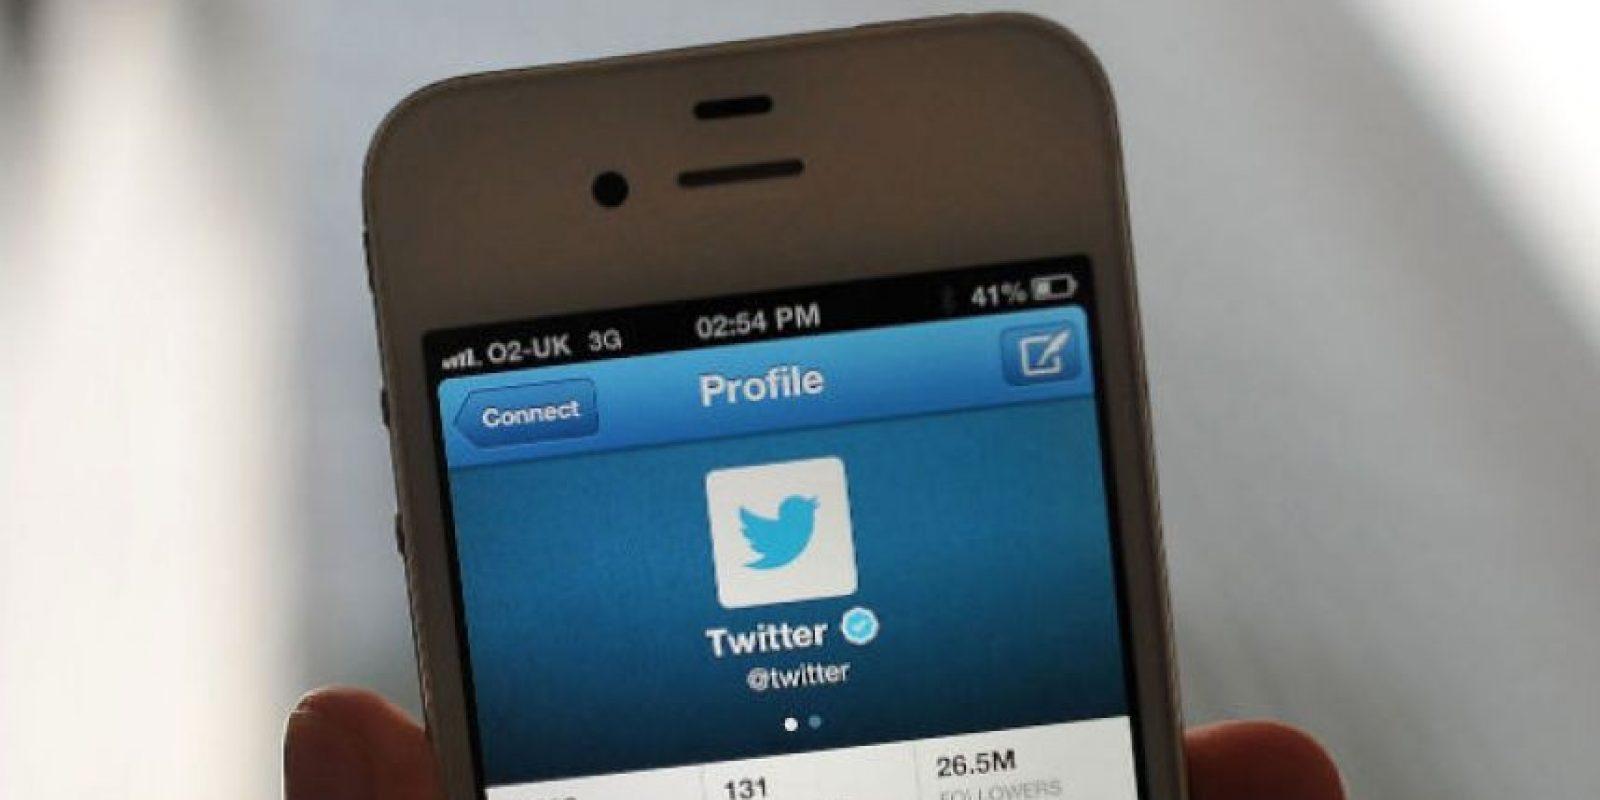 Según varios medios especializados en tecnología, la actualización de los mensajes directos ya está disponible, sin embargo, la red social no ha publicado nada al respecto. Foto:Getty Images